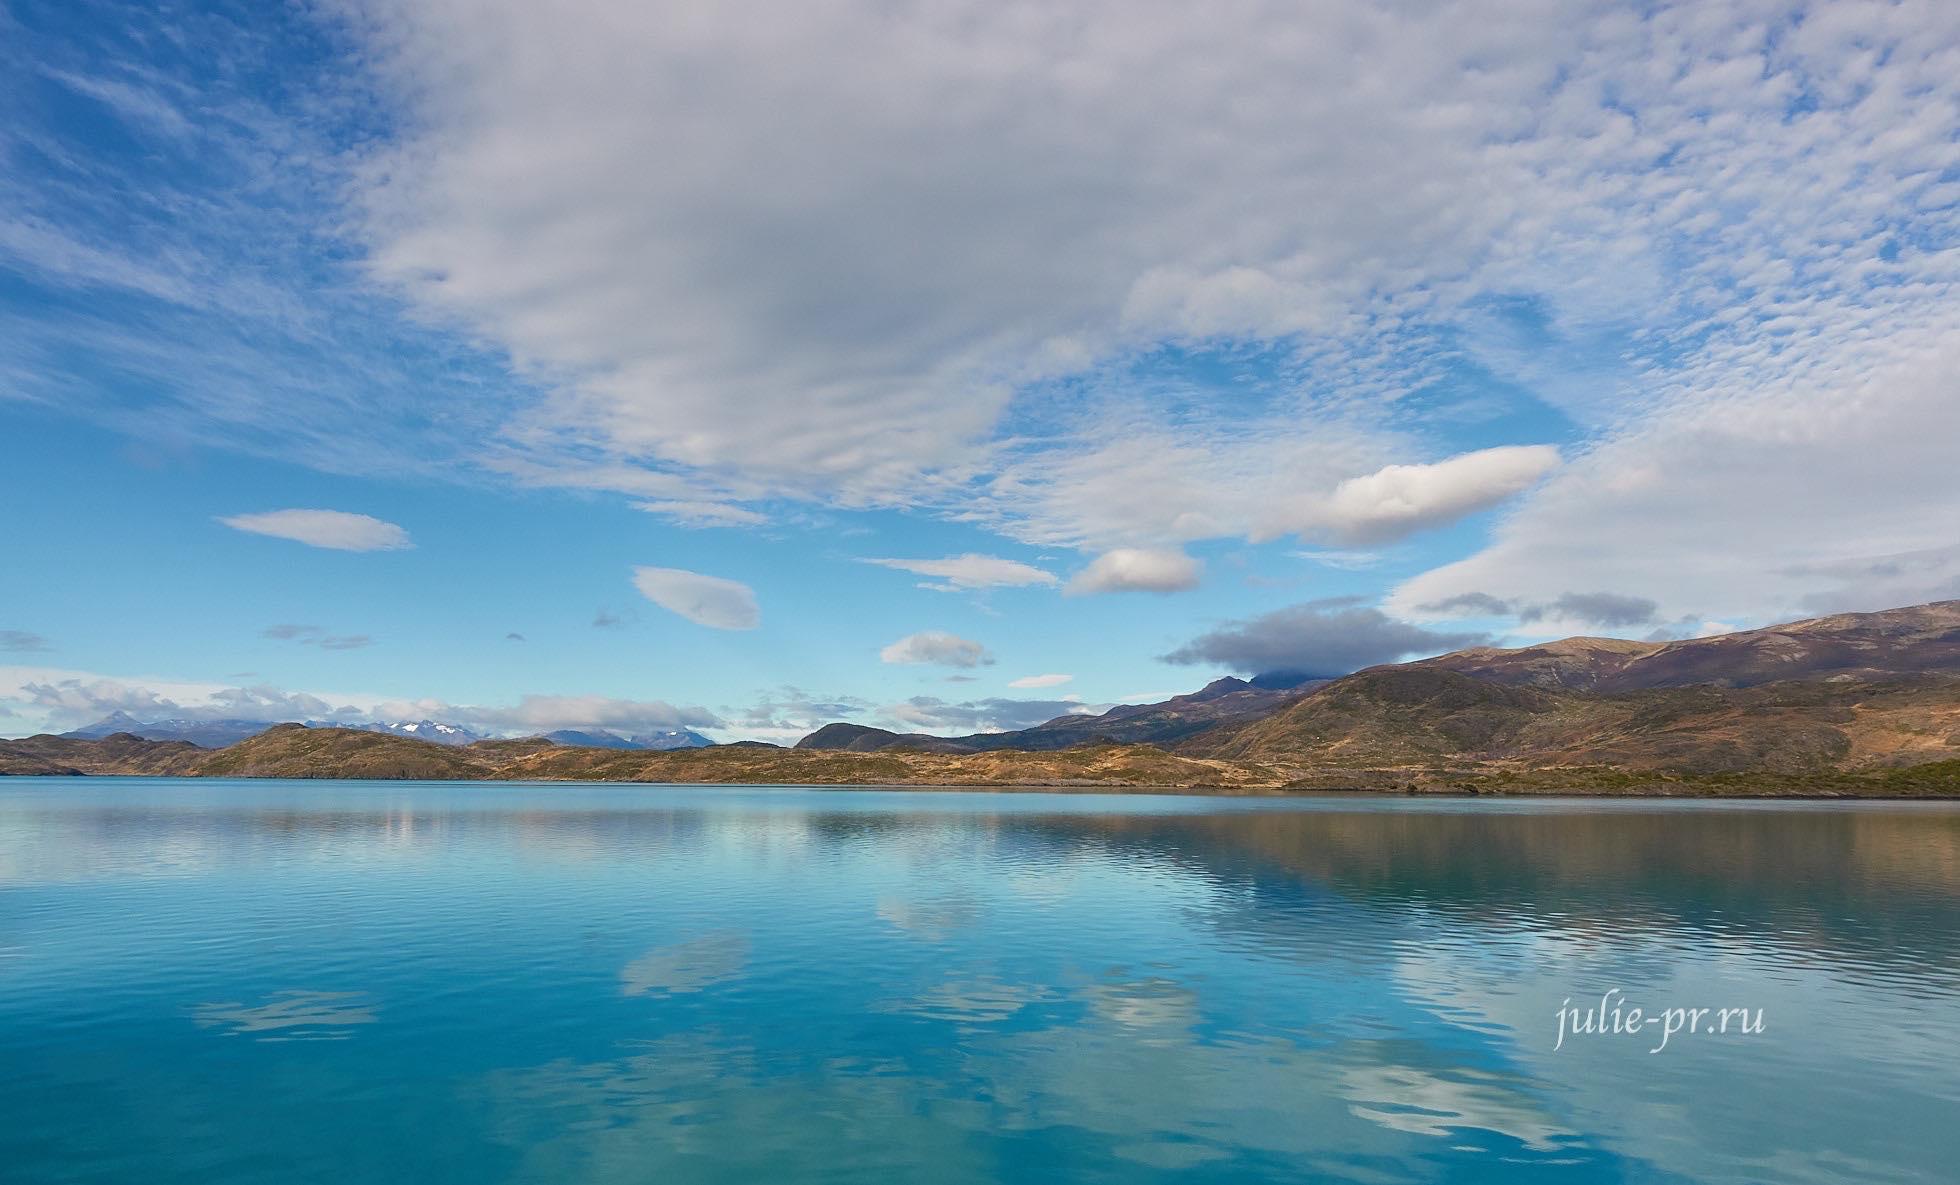 Чили, Патагония, Торрес-дель-Пайне, озеро Пеоэ, облака